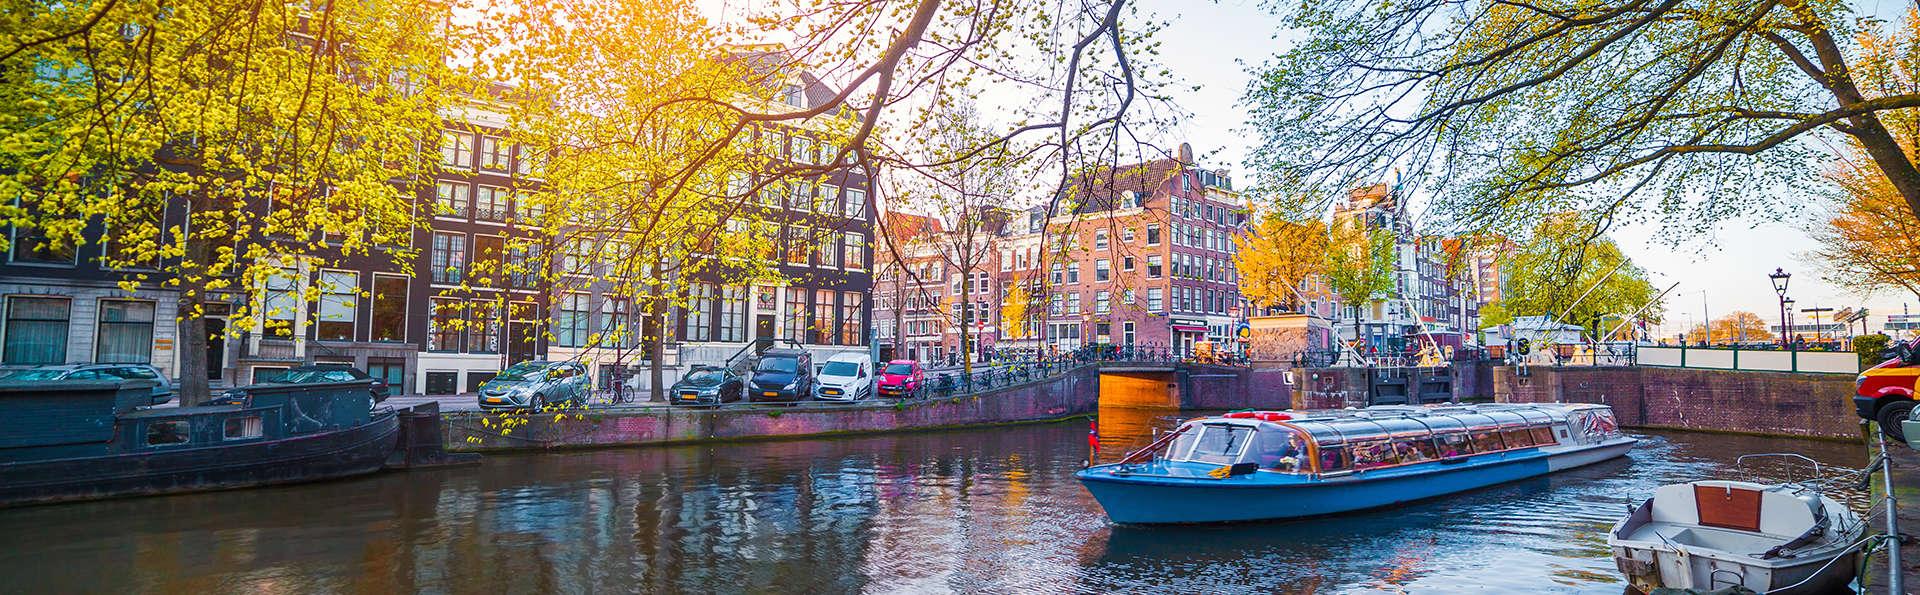 Visite de la ville animée d'Amsterdam